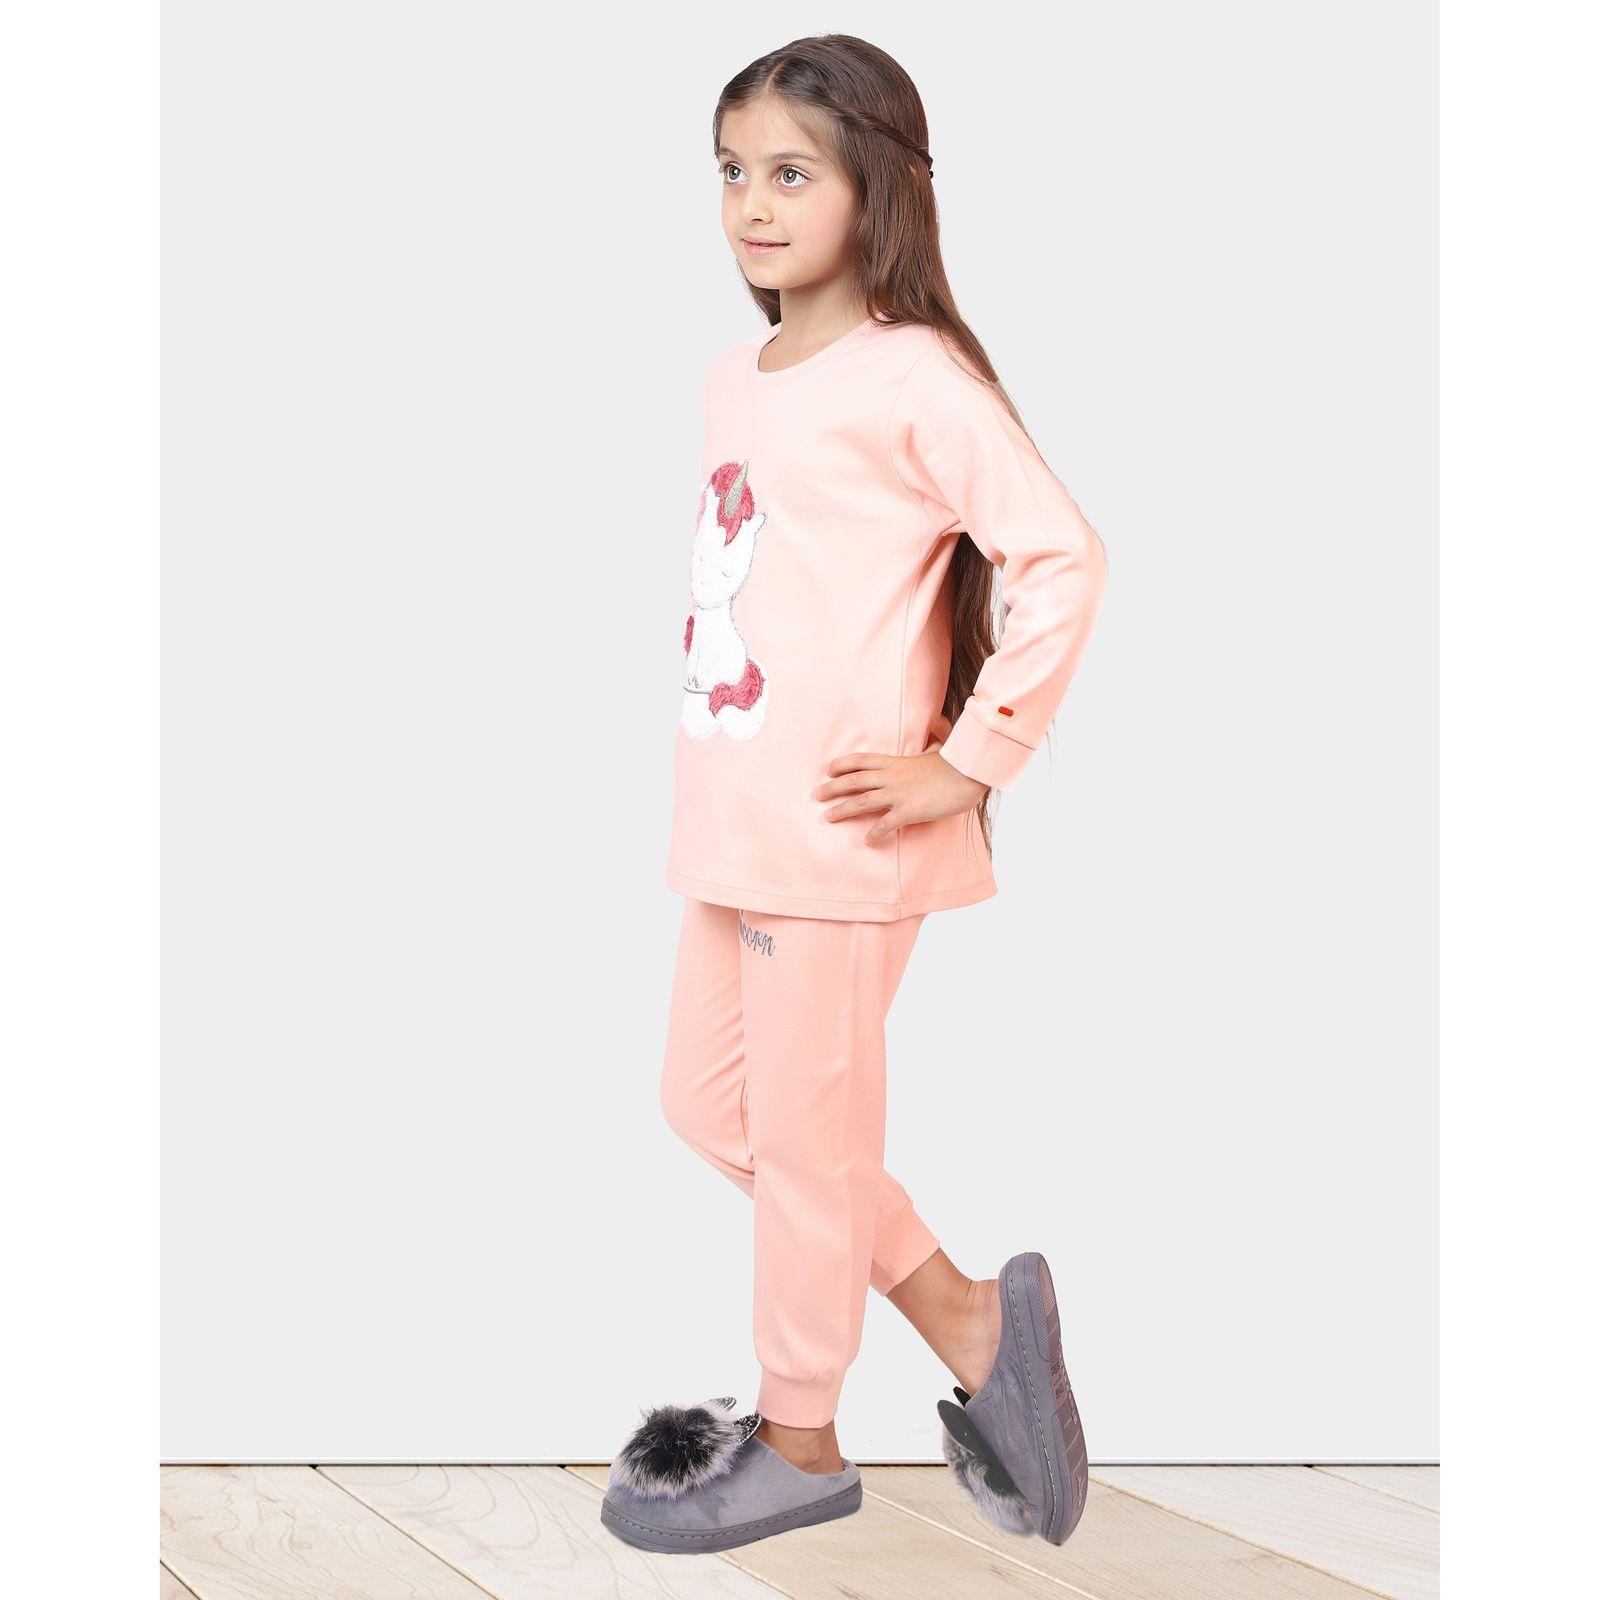 ست تی شرت و شلوار دخترانه مادر مدل 303-80 main 1 12